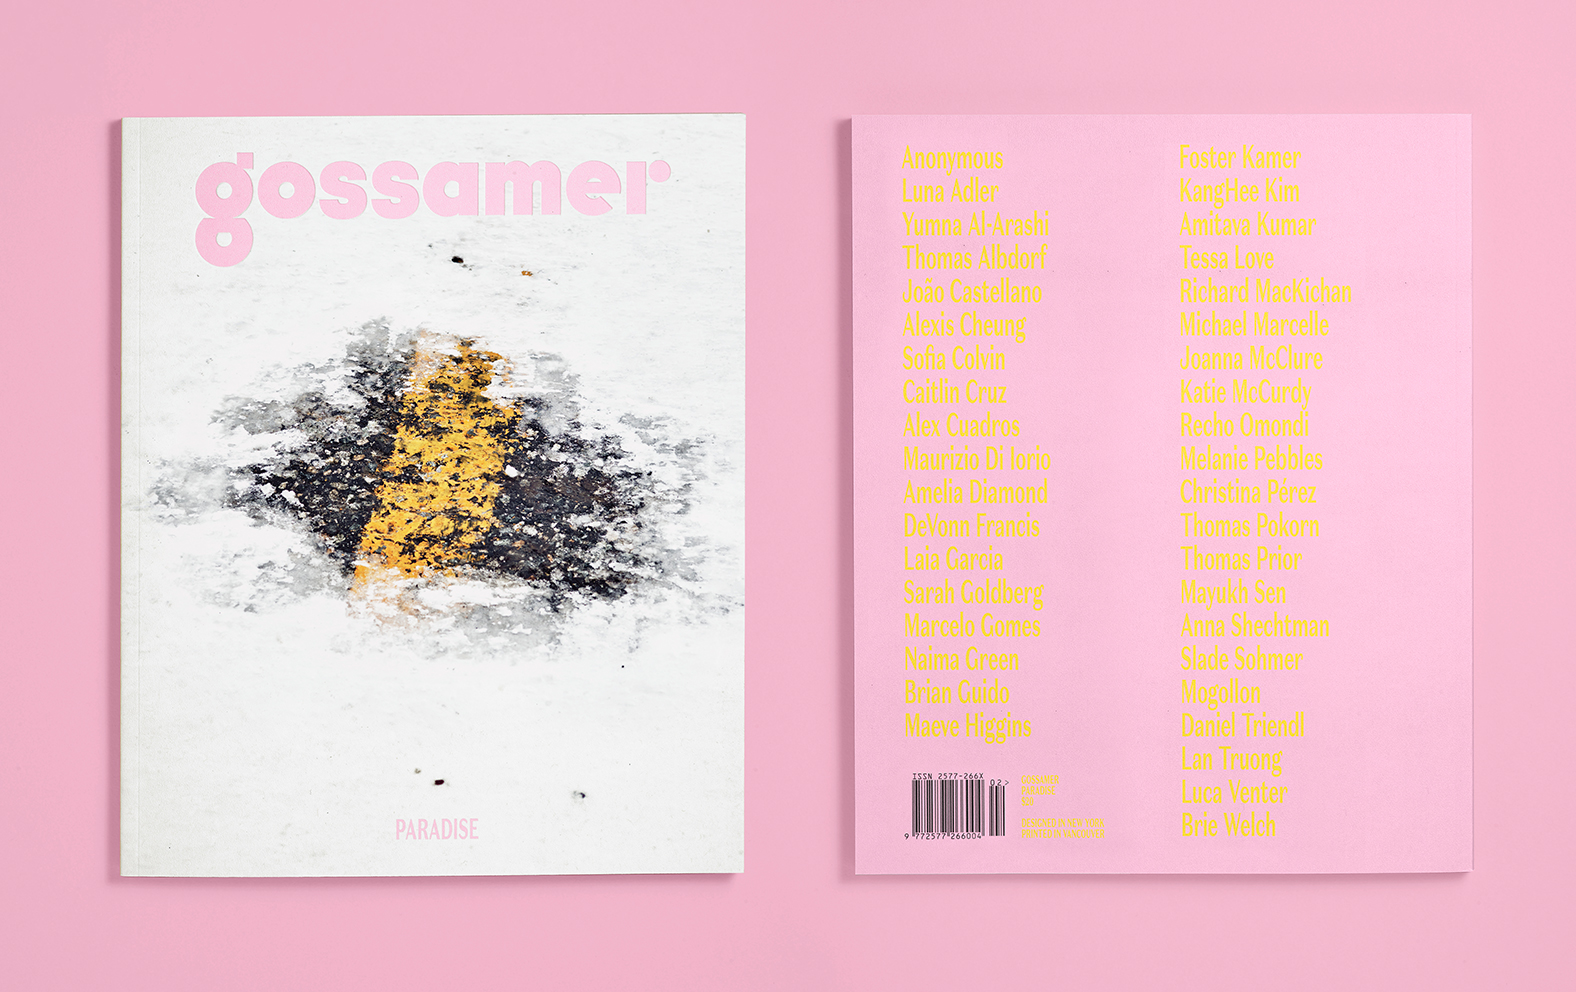 gossamer Volume 2 – Paradise